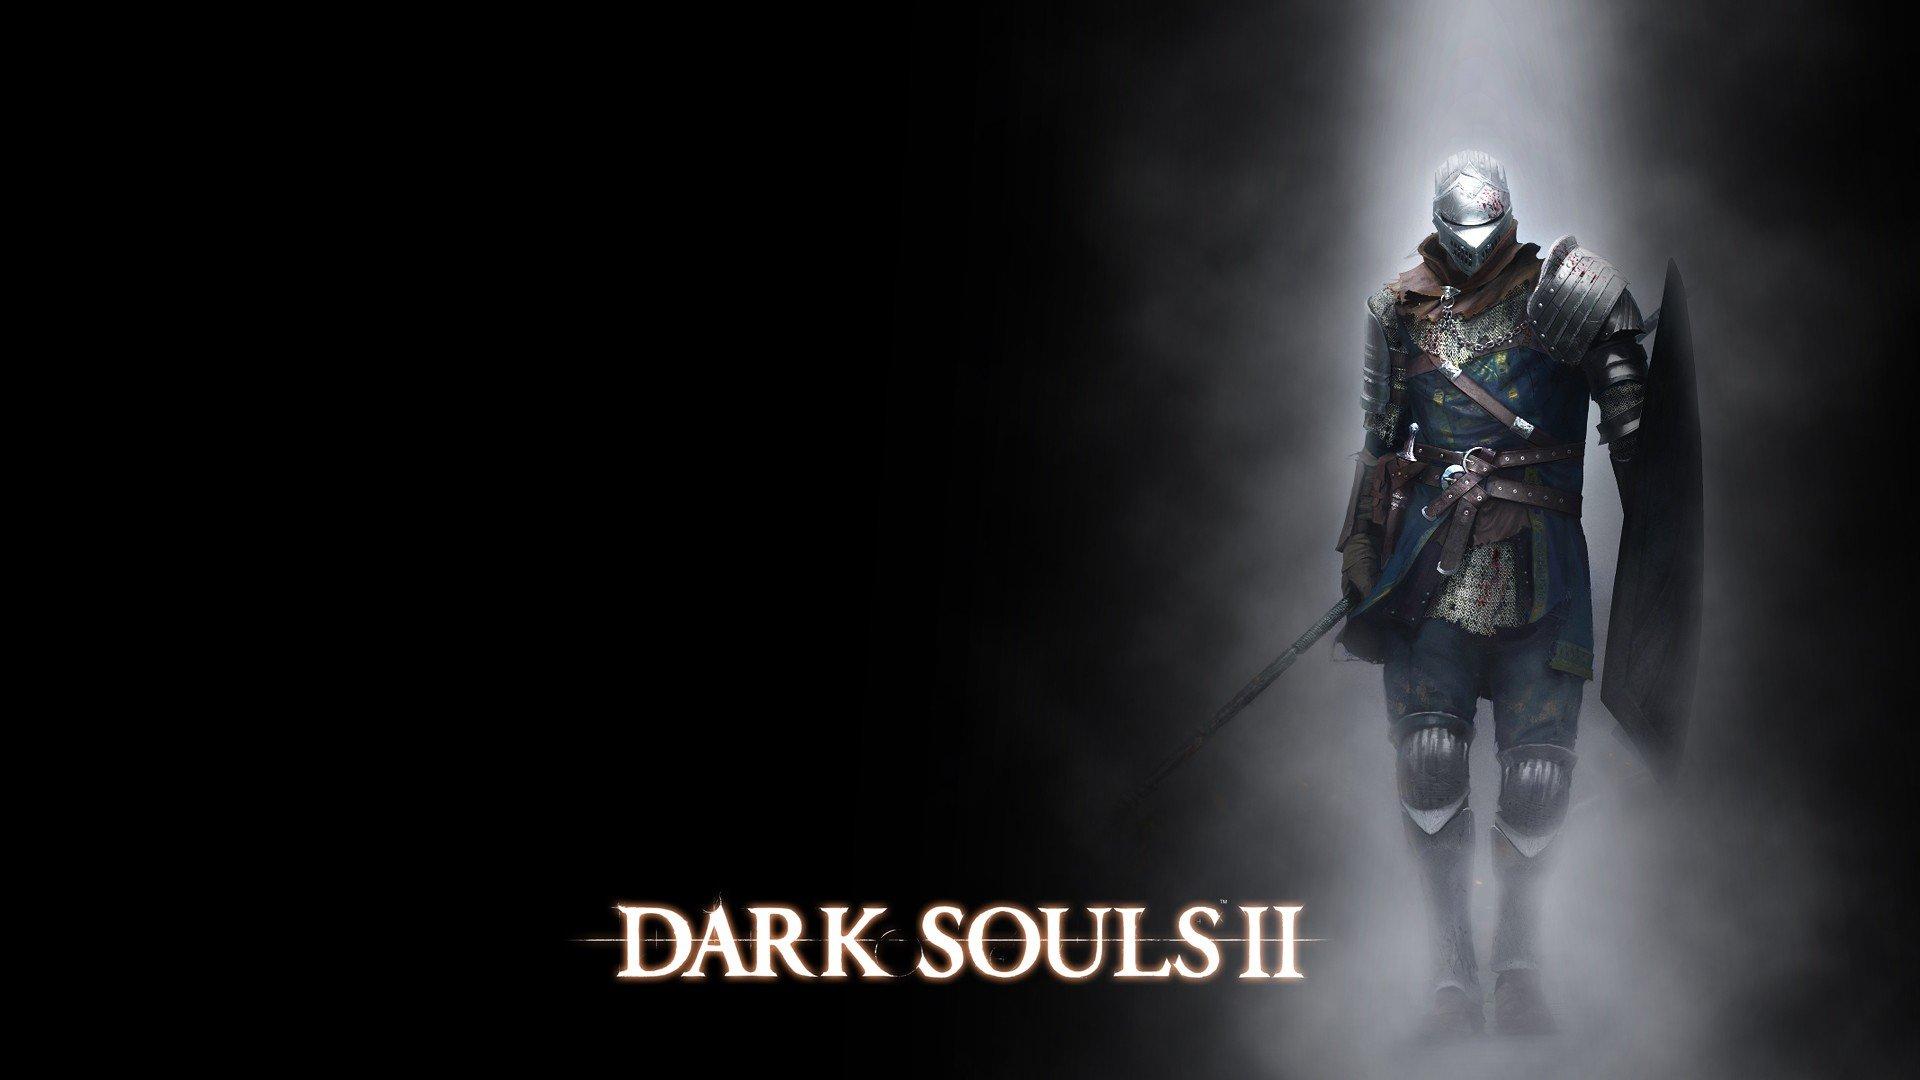 Dark Souls 2 Wallpaper Hd: Dark Souls HD Wallpapers / Desktop And Mobile Images & Photos